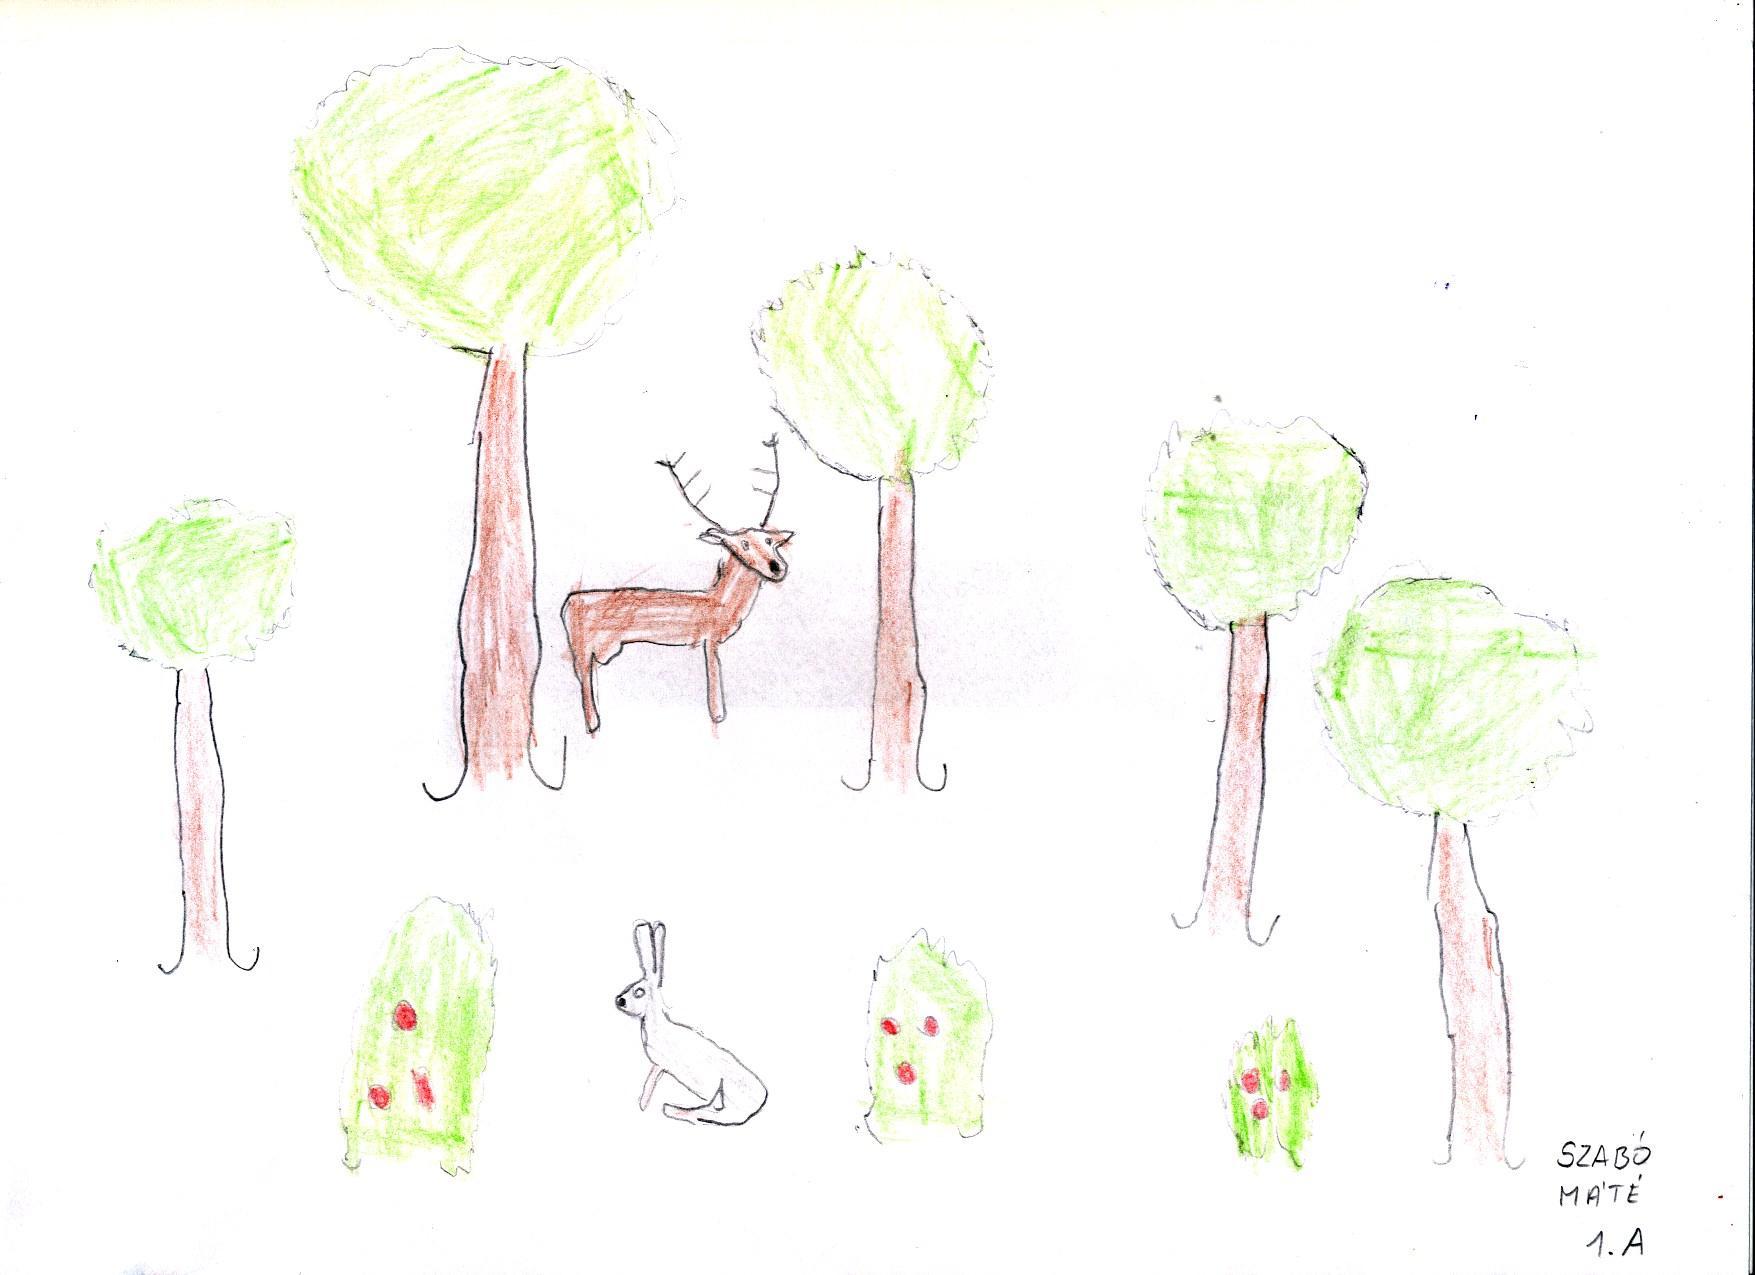 Élményem az erdőben Debreceni Vörösmarty Mihály Általános Iskola